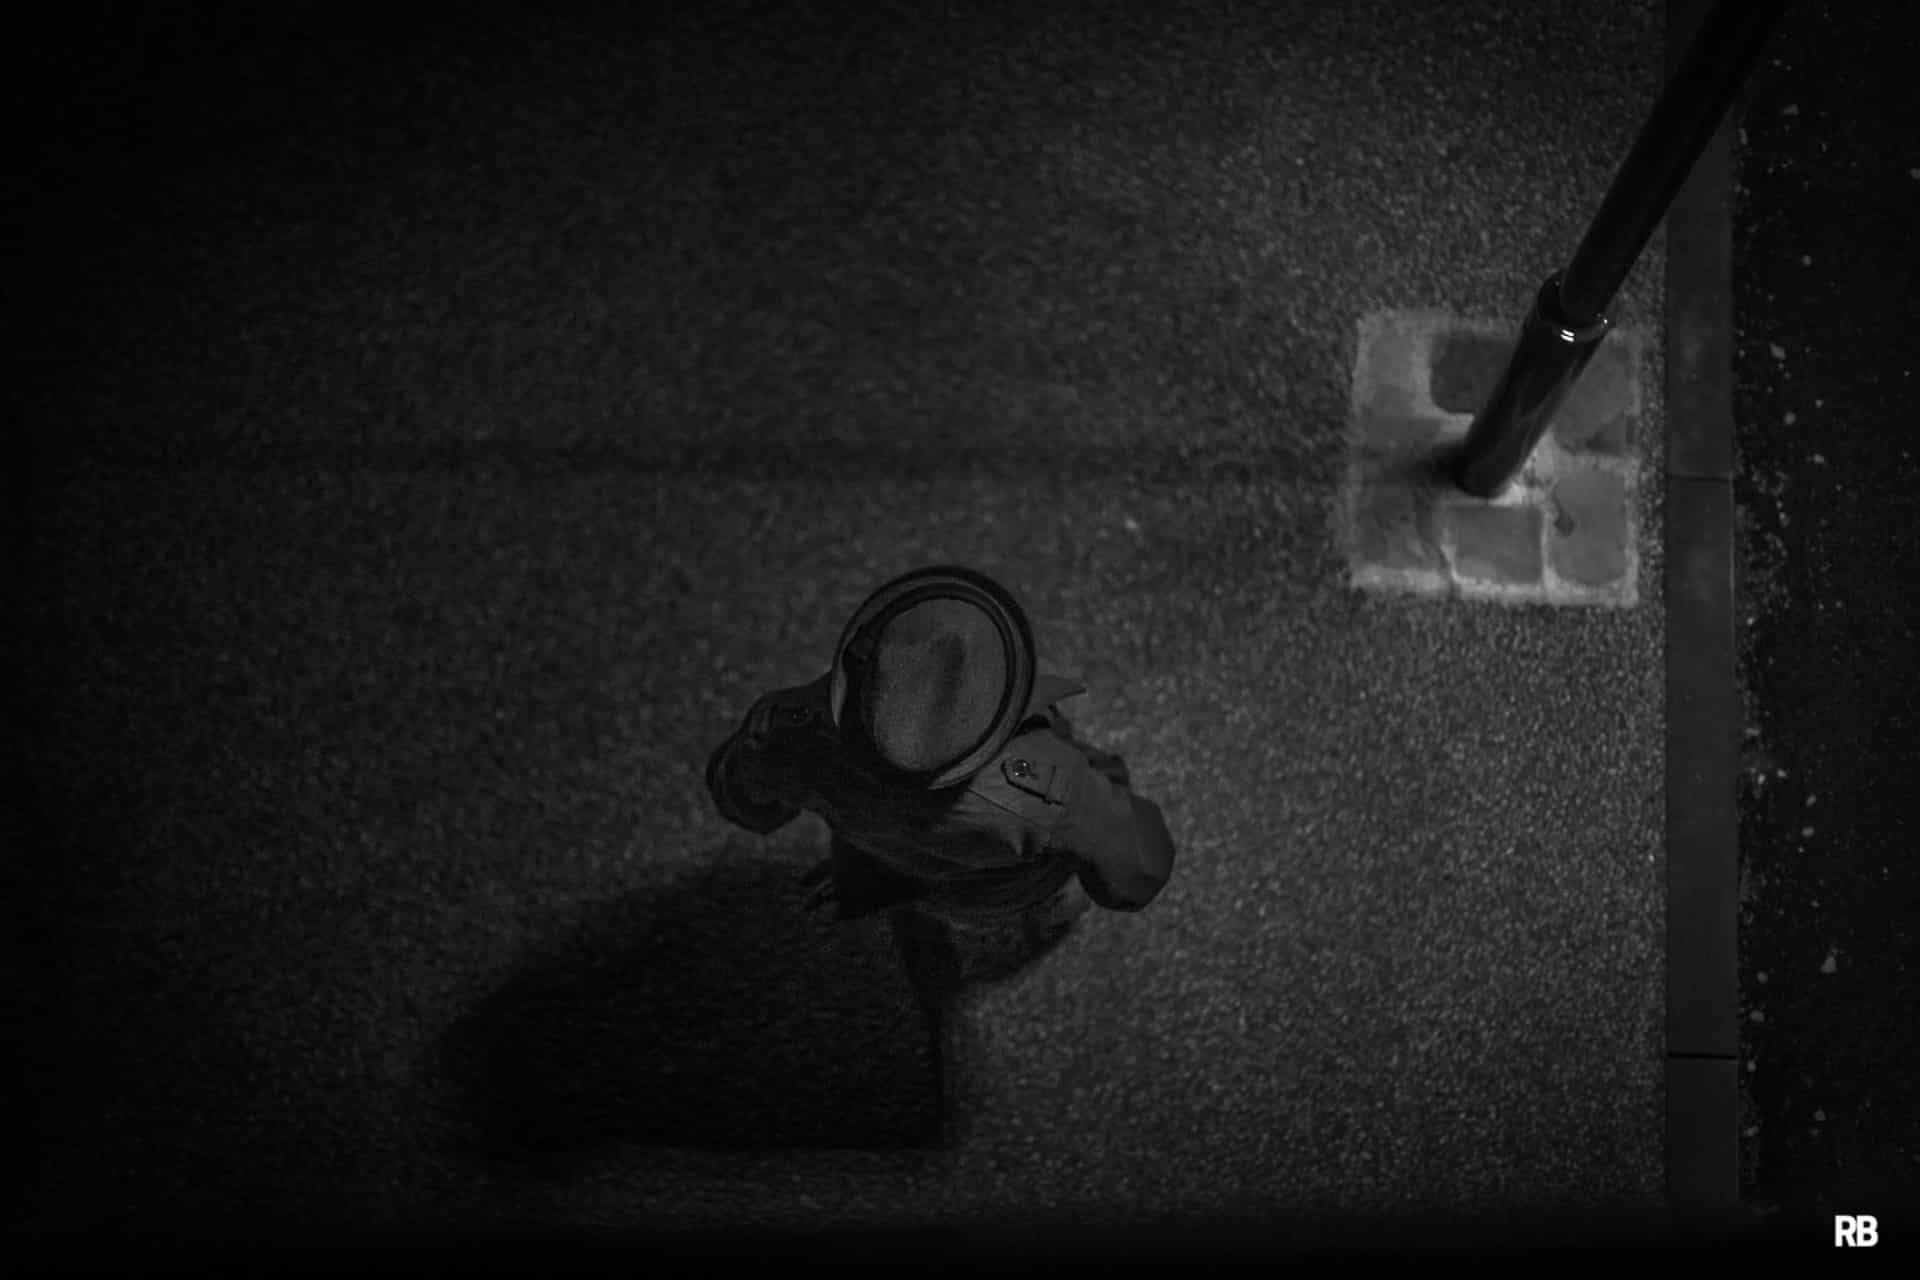 seance photo inspecteur pallo 7970 rapha bernus photographe professionnel poitiers. Black Bedroom Furniture Sets. Home Design Ideas